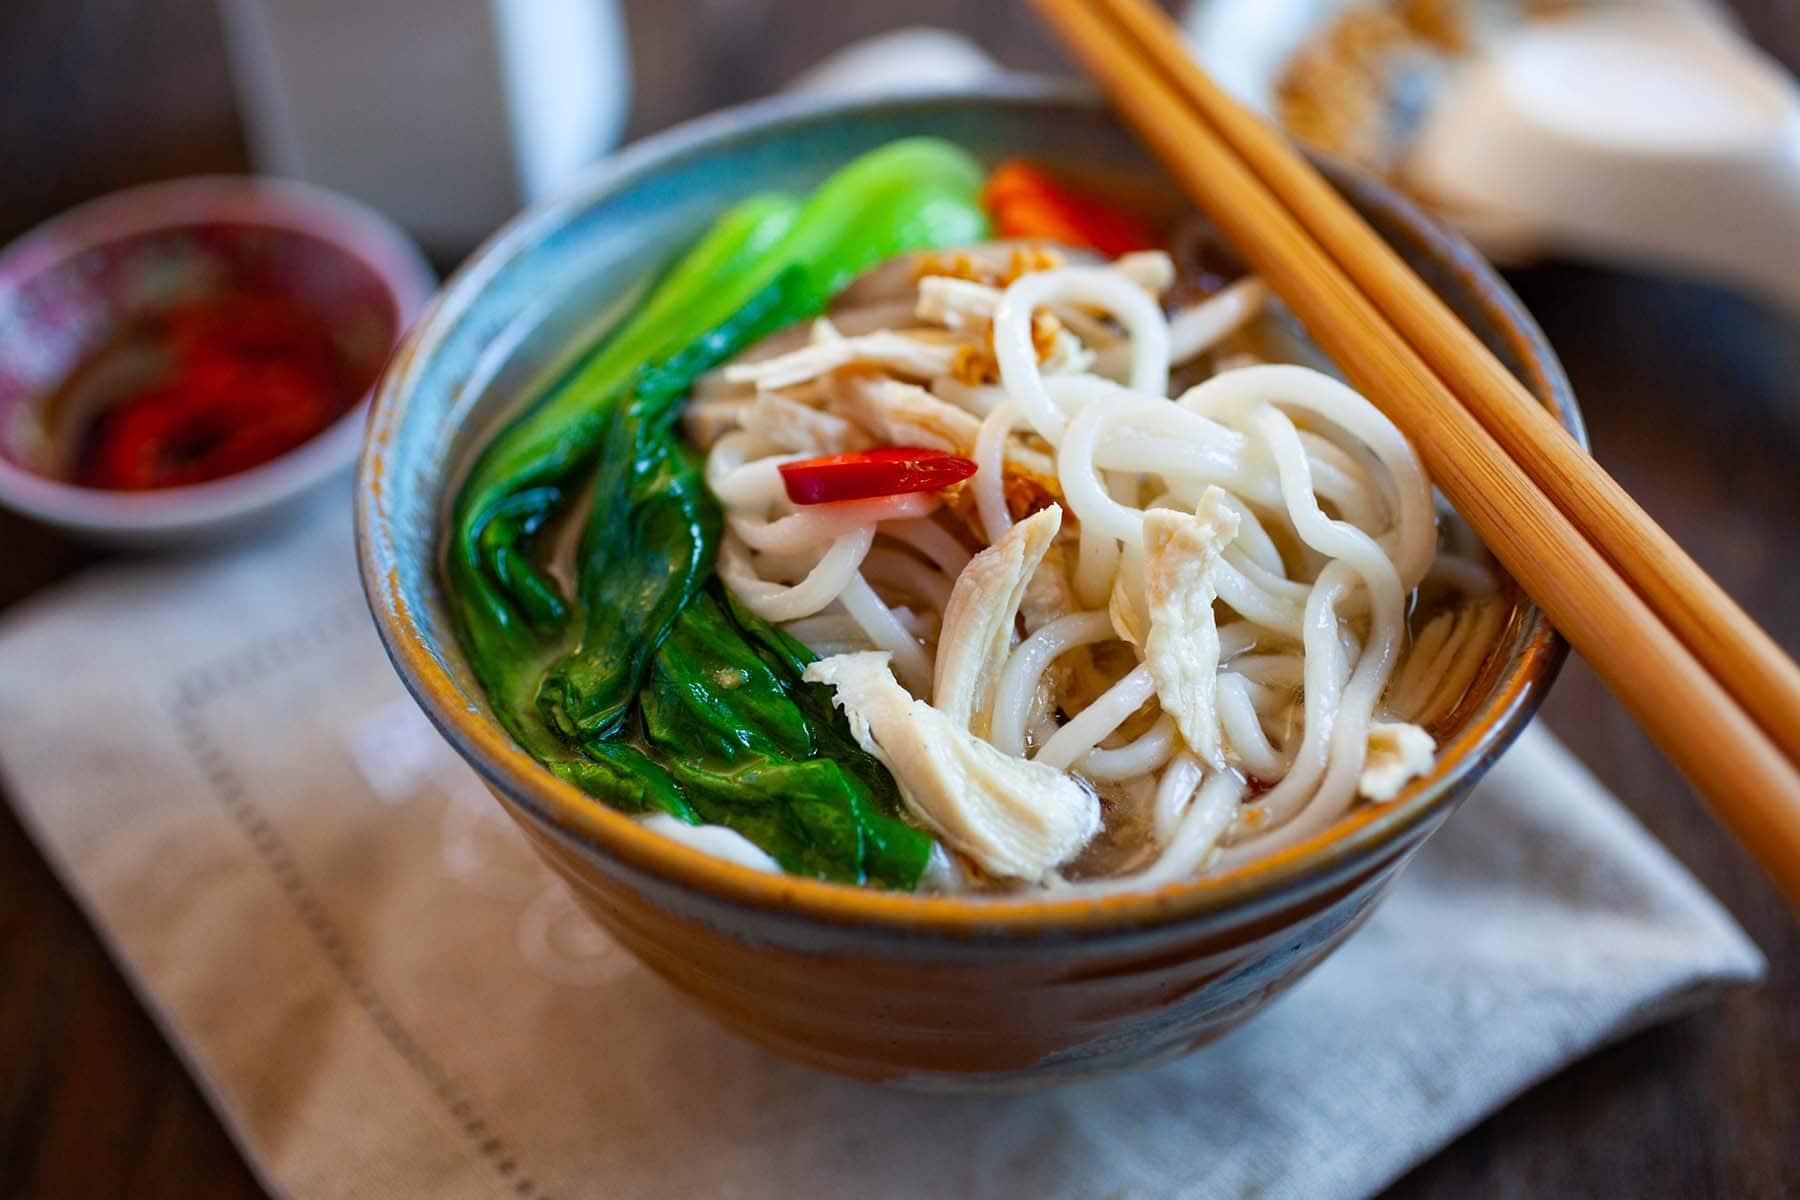 Soupe de nouilles chinoises au poulet, bok choy et nouilles dans un bol blanc.